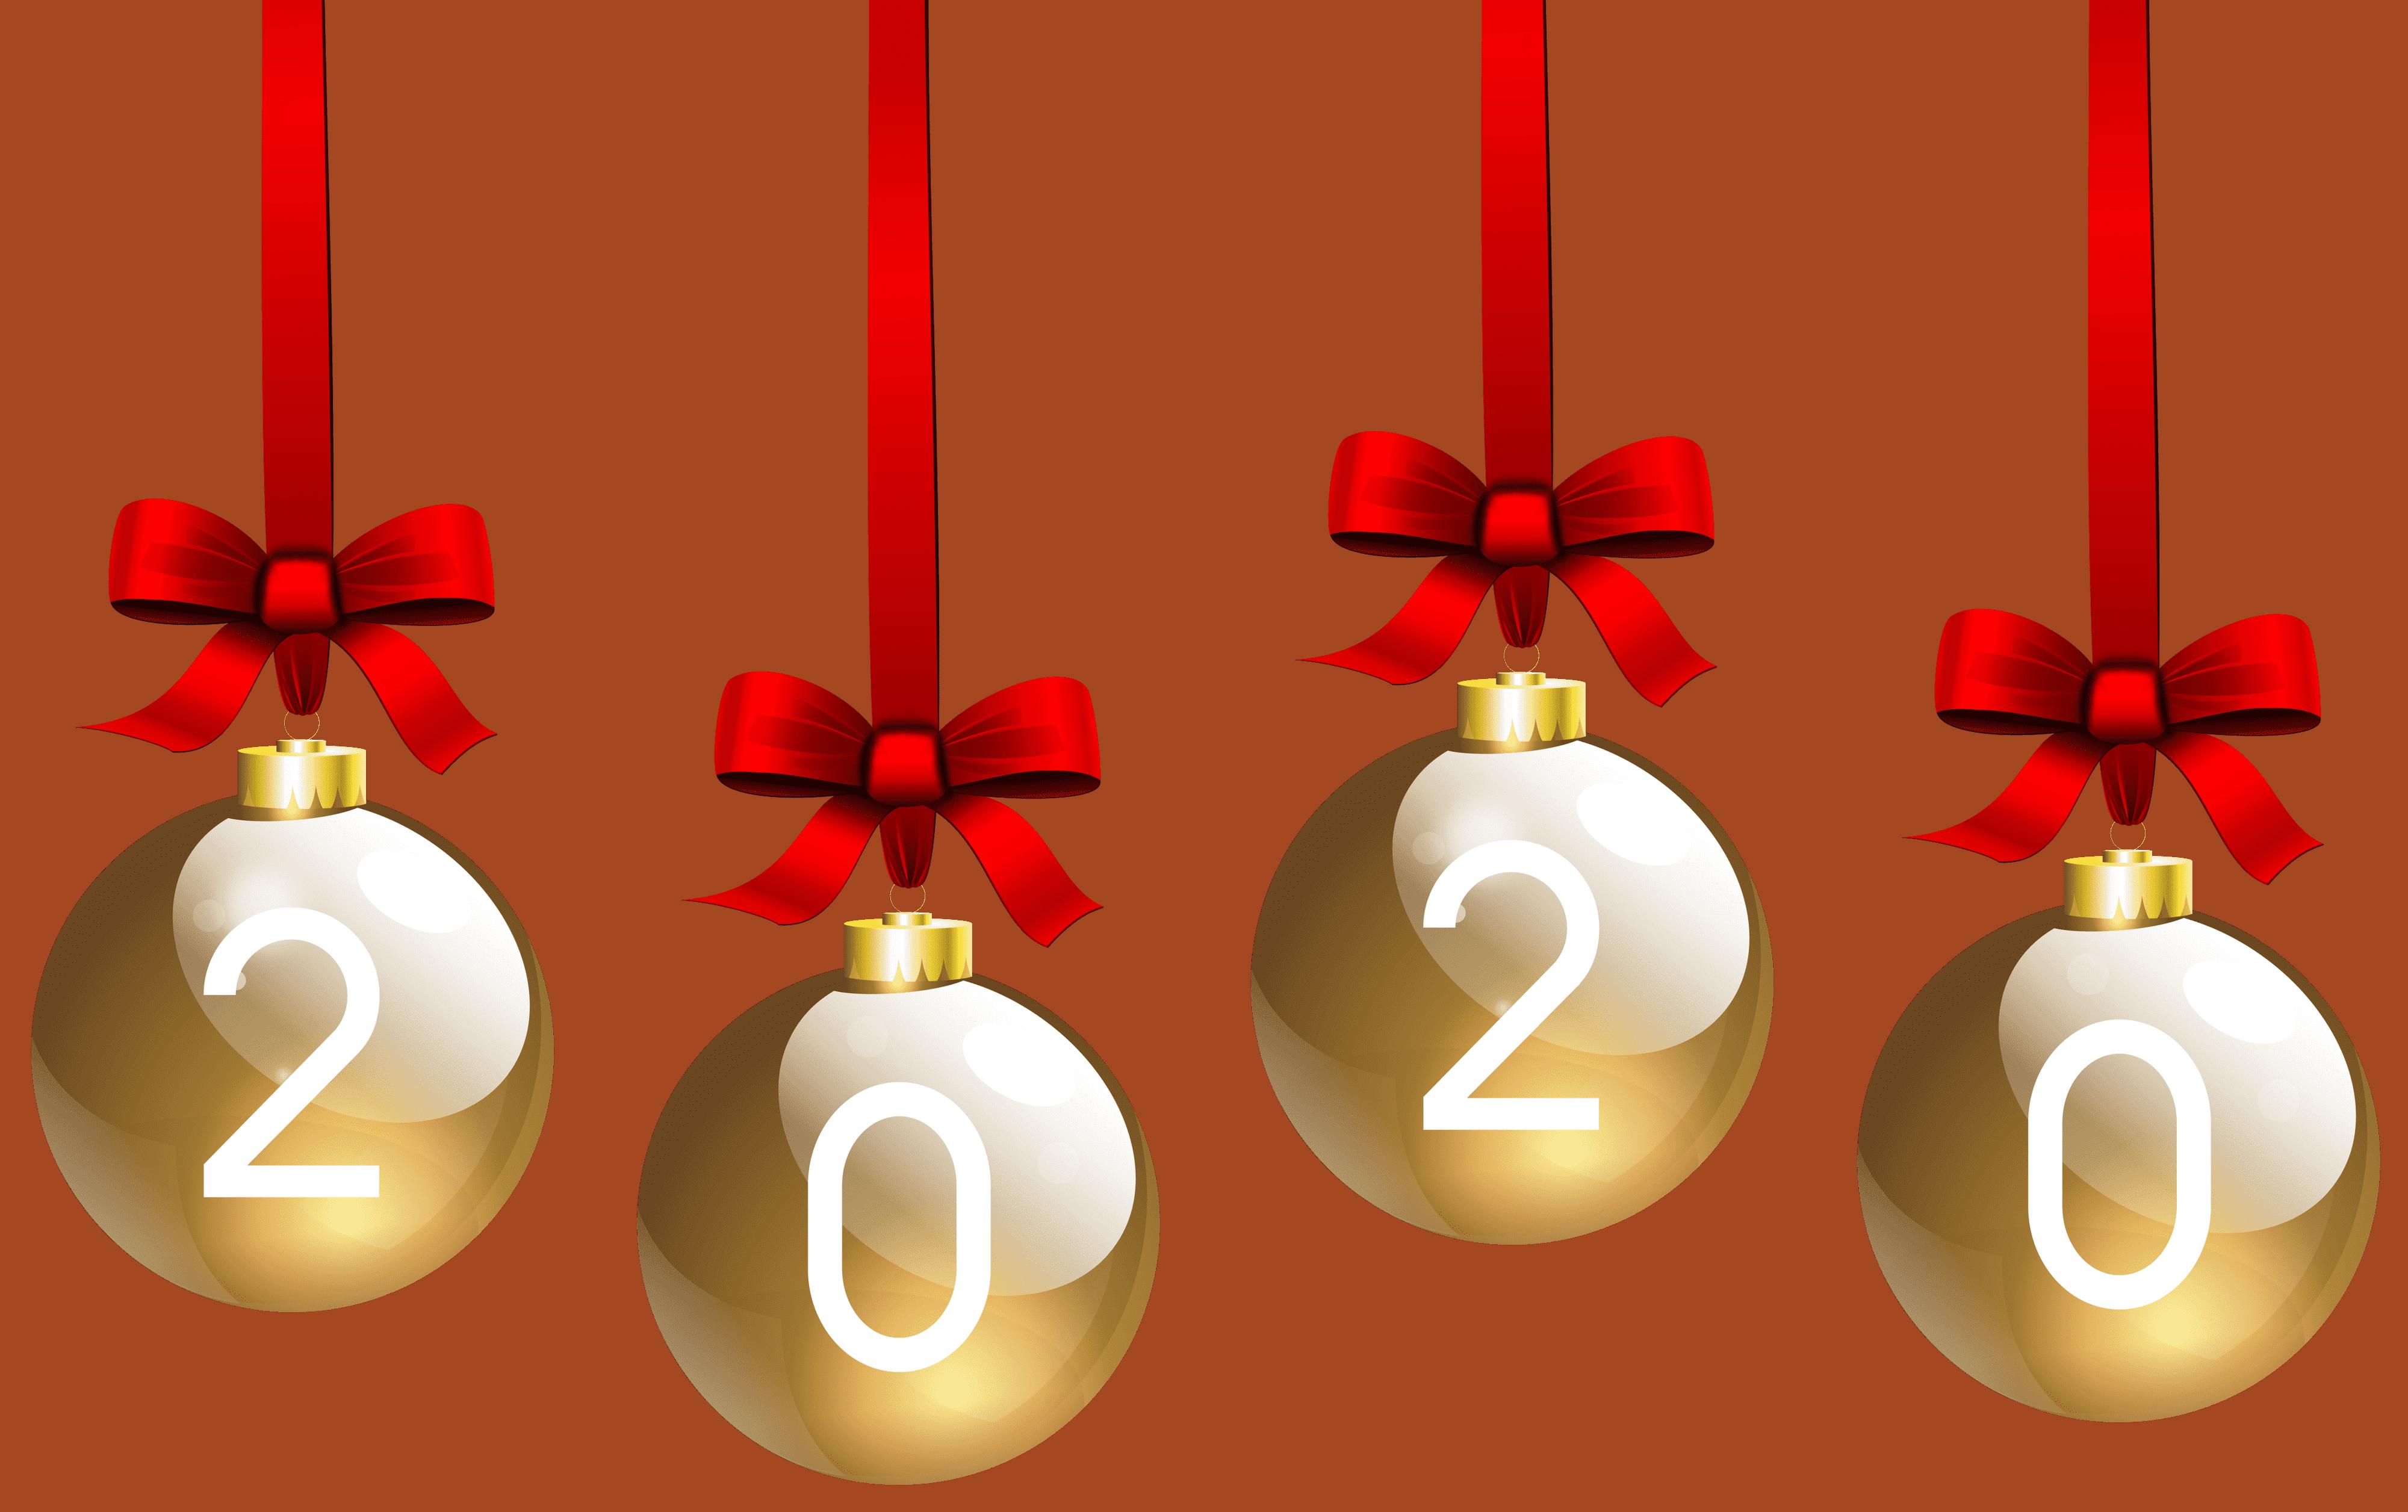 2020 Christmas Balls Transparent PNG Clip Art (4000 x 2512 Pixel)